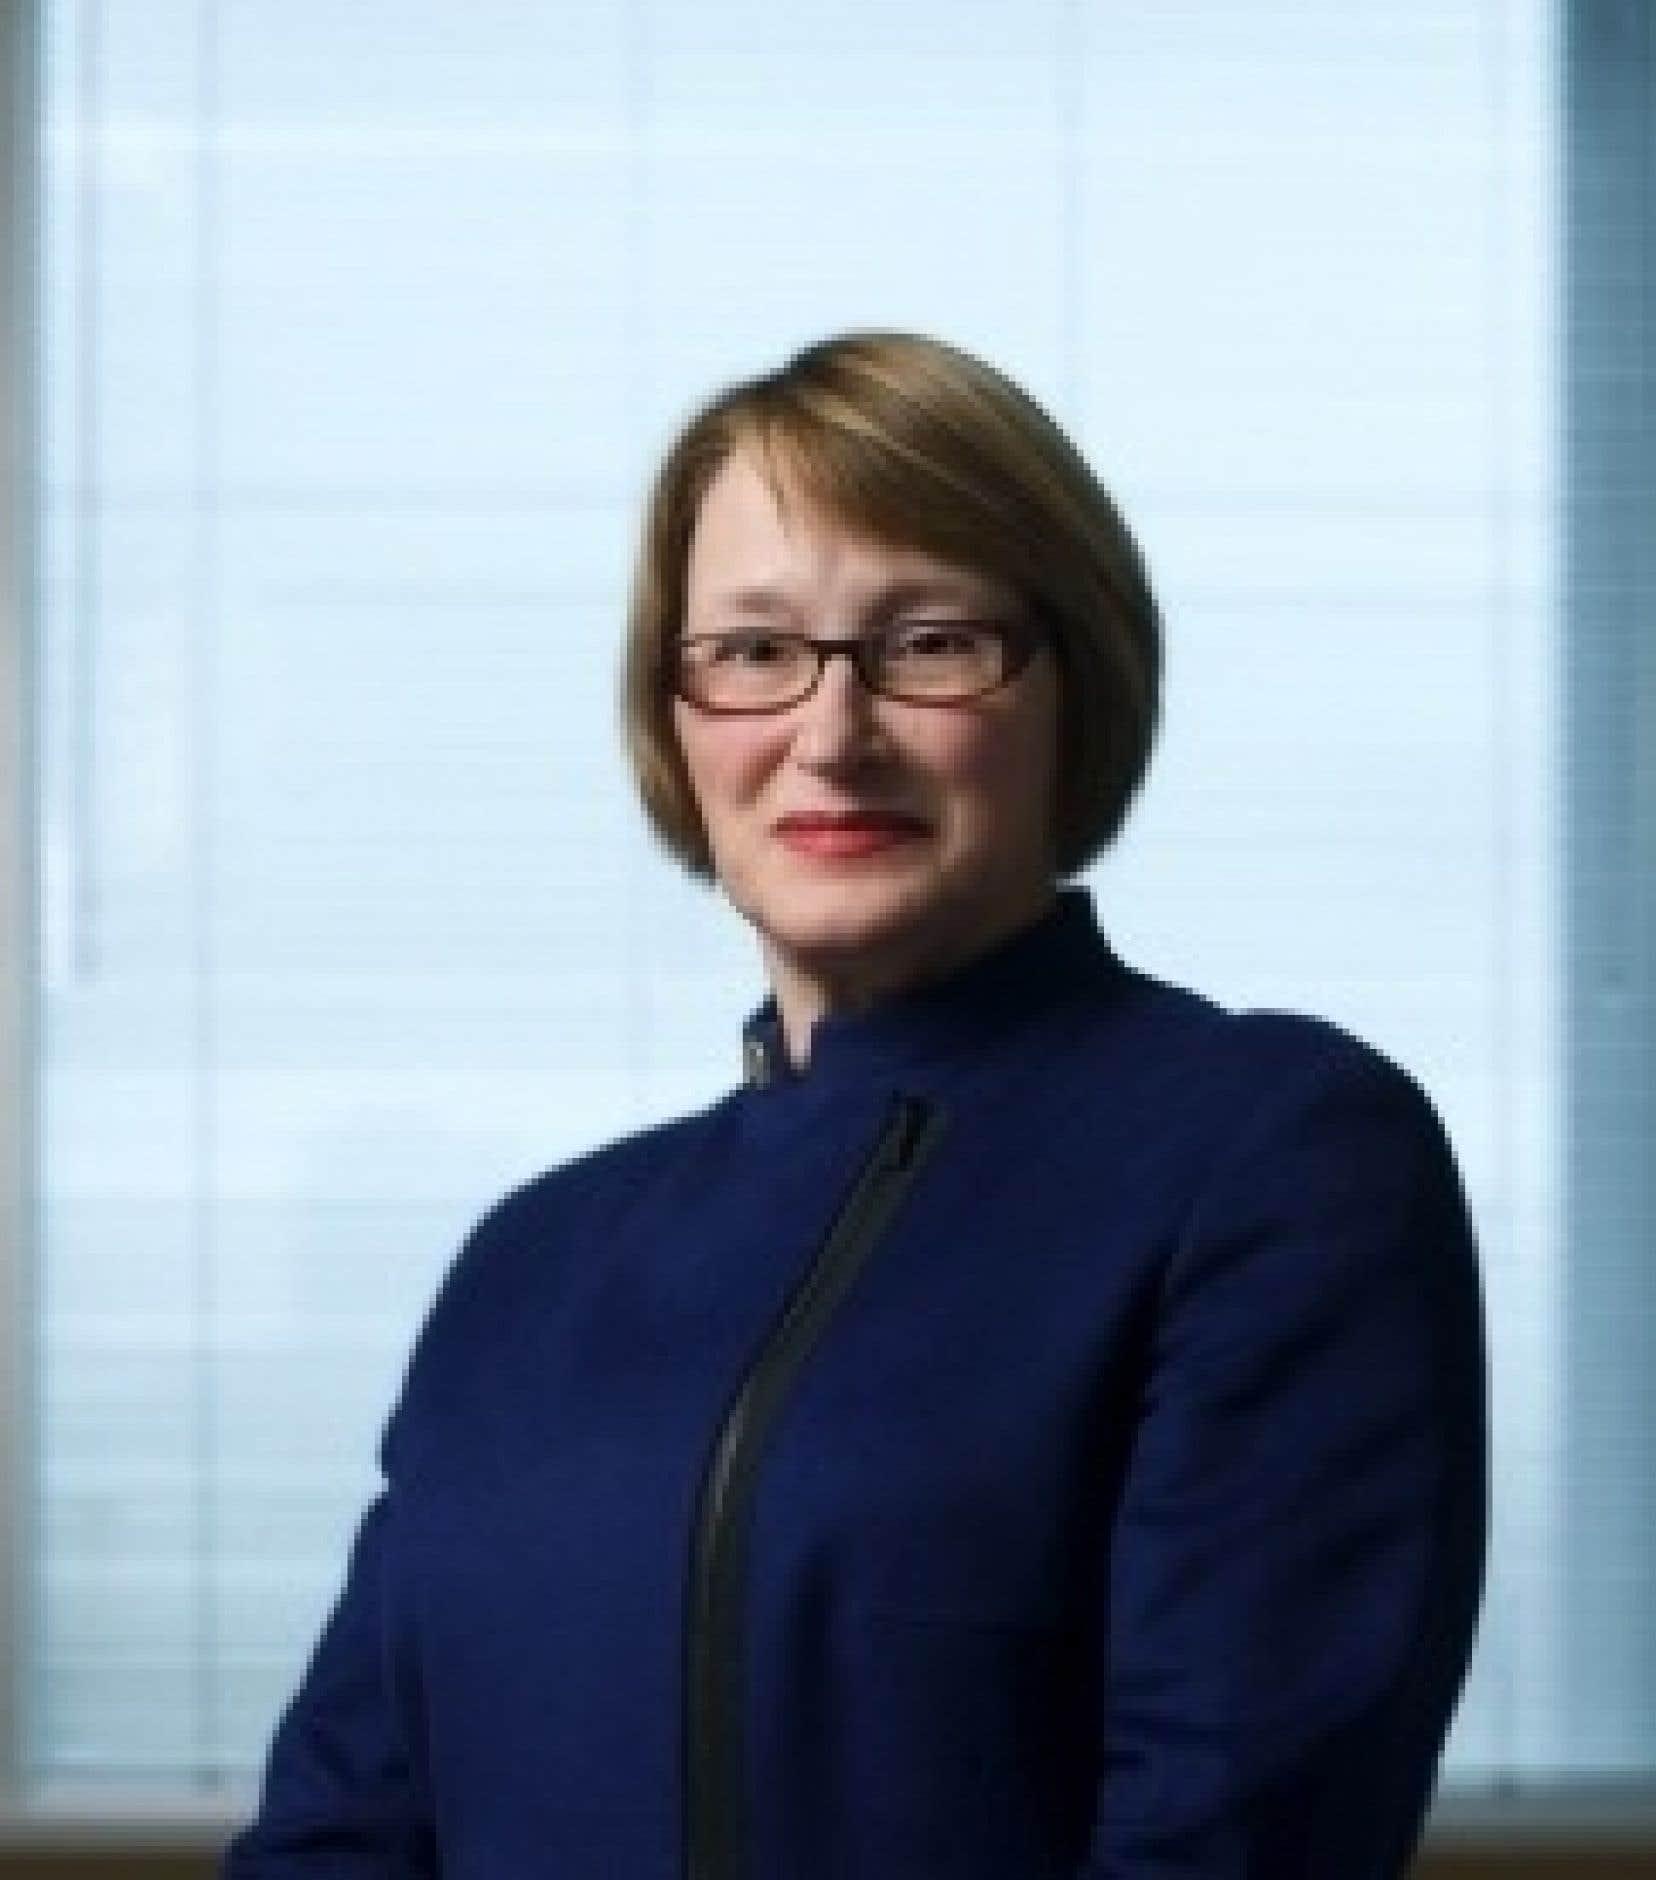 Ancienne étudiante de McGill, Mme Fortier a passé les sept dernières années comme présidente du Conseil de recherche en sciences naturelles et en génie.